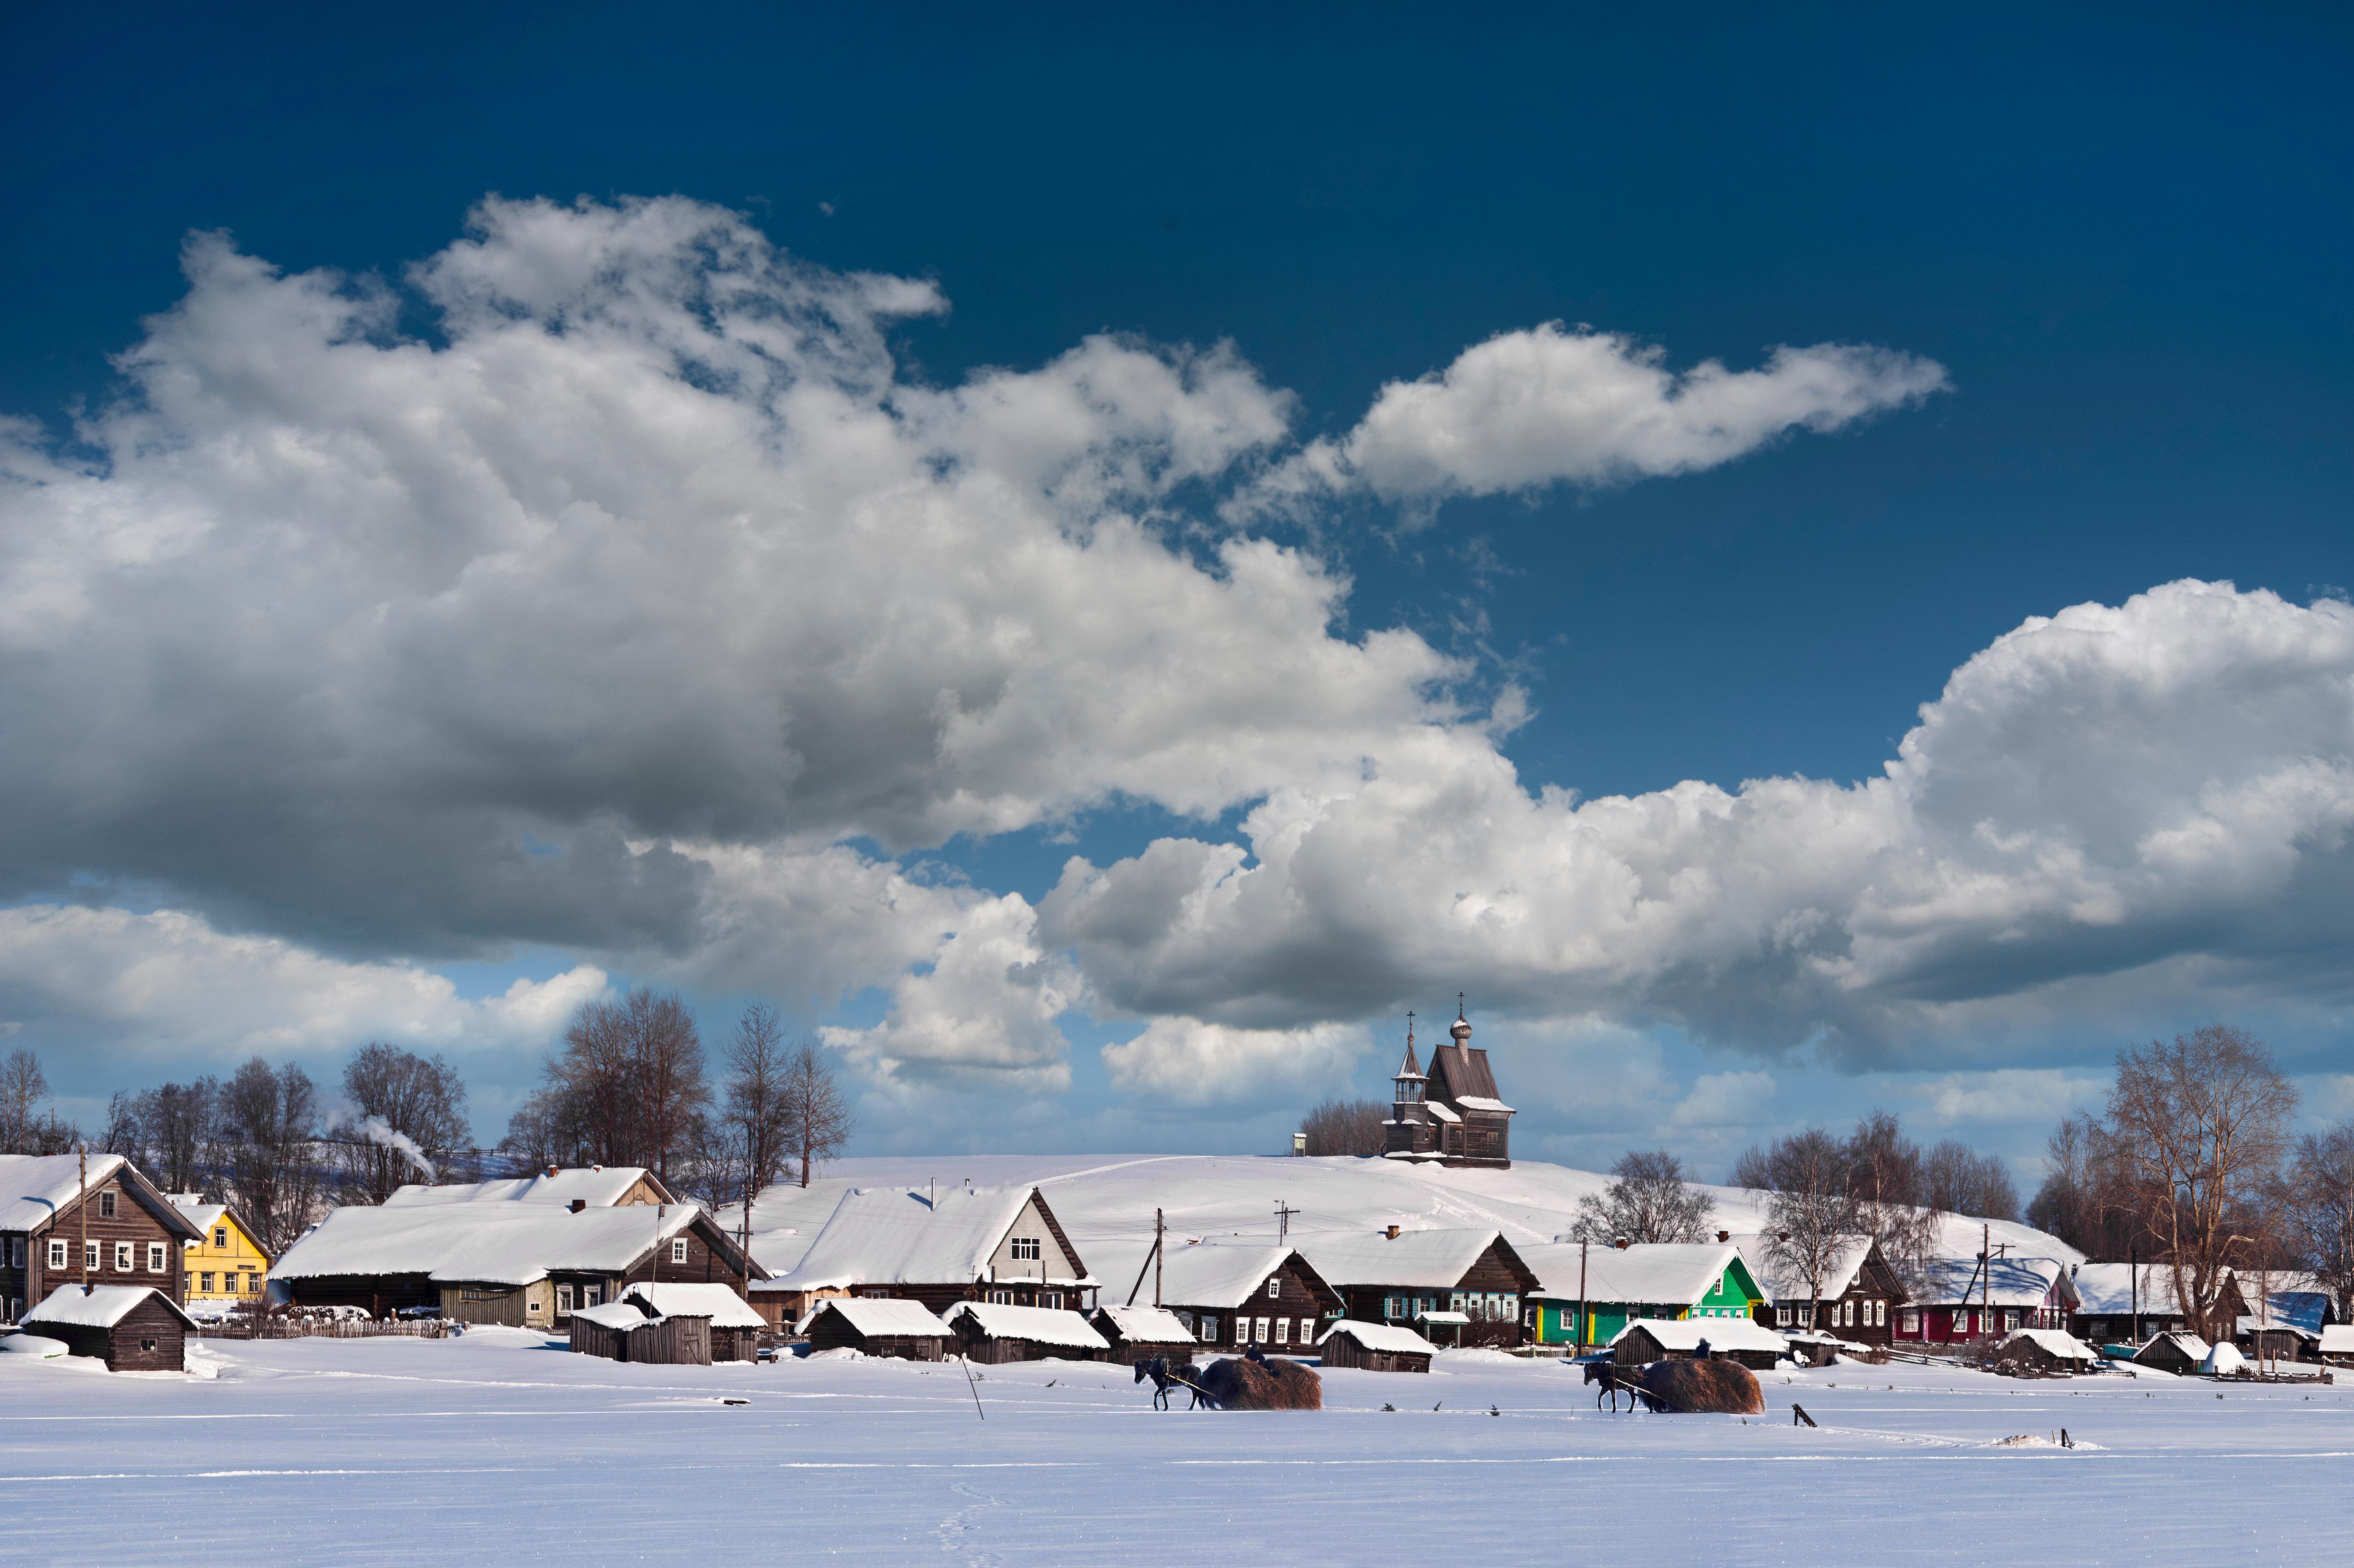 El parque nacional Kenozerski en invierno